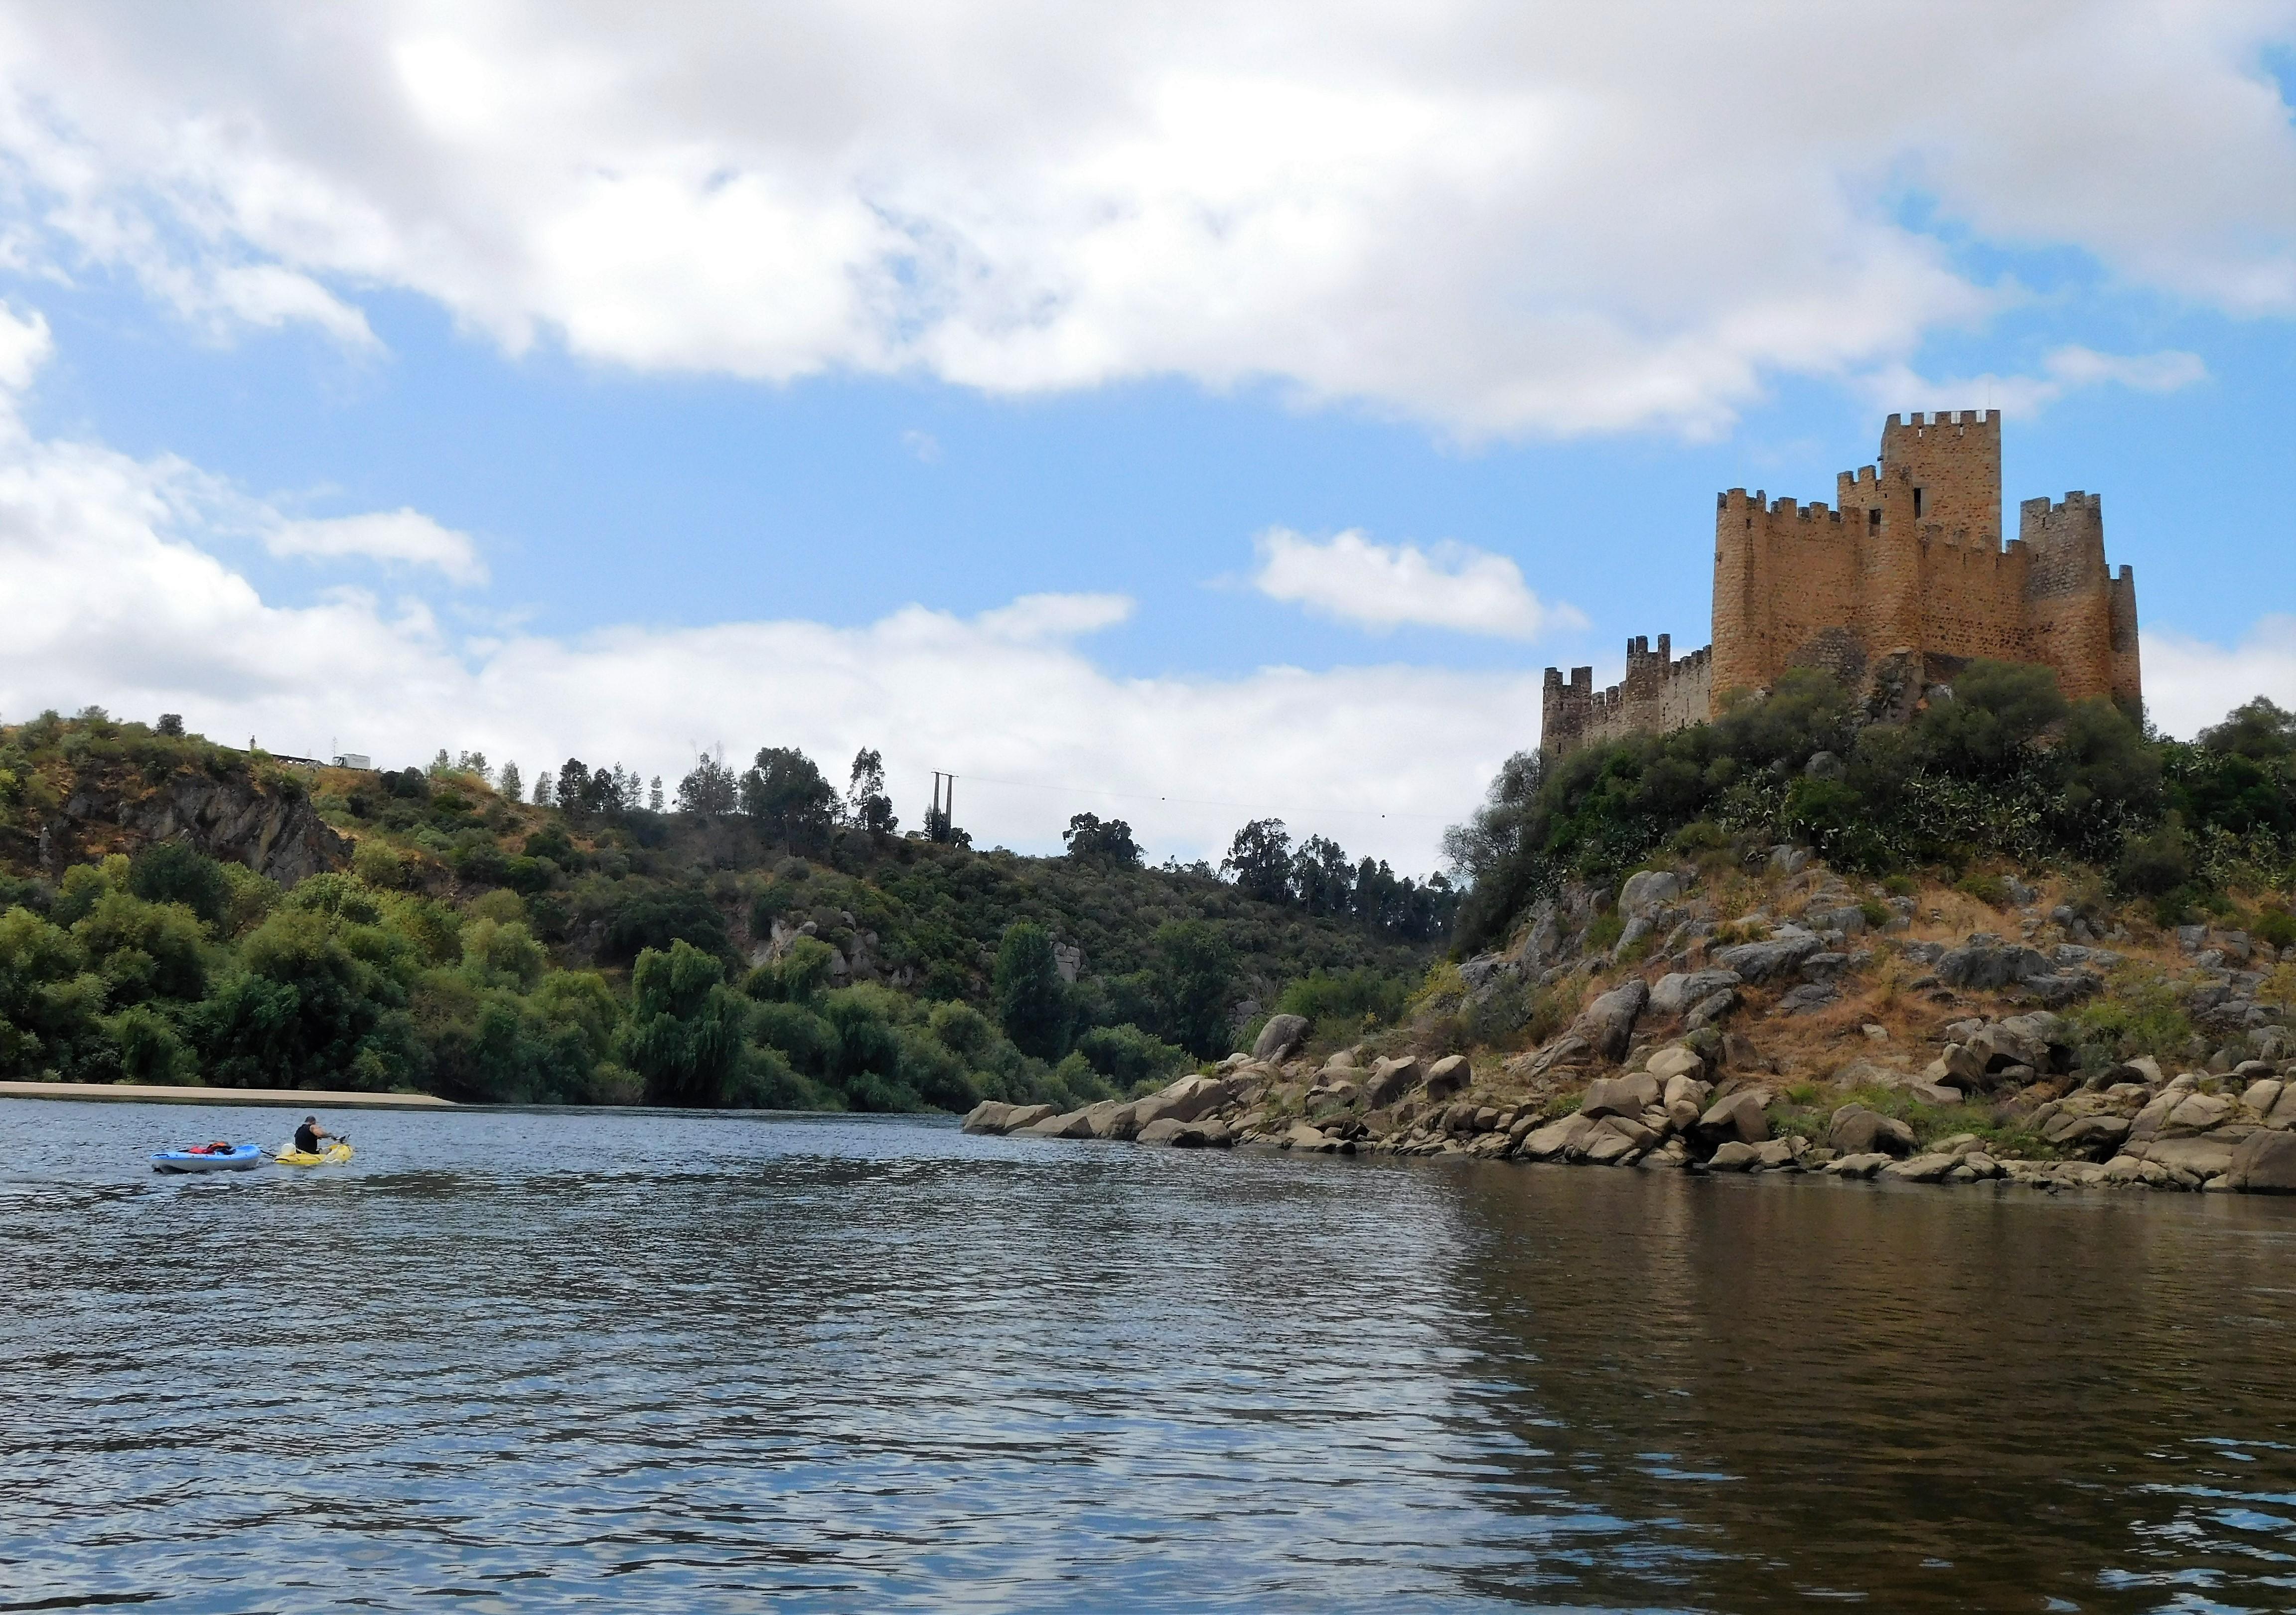 Castelo Templário - Almourol - Visit Portugal Portugal